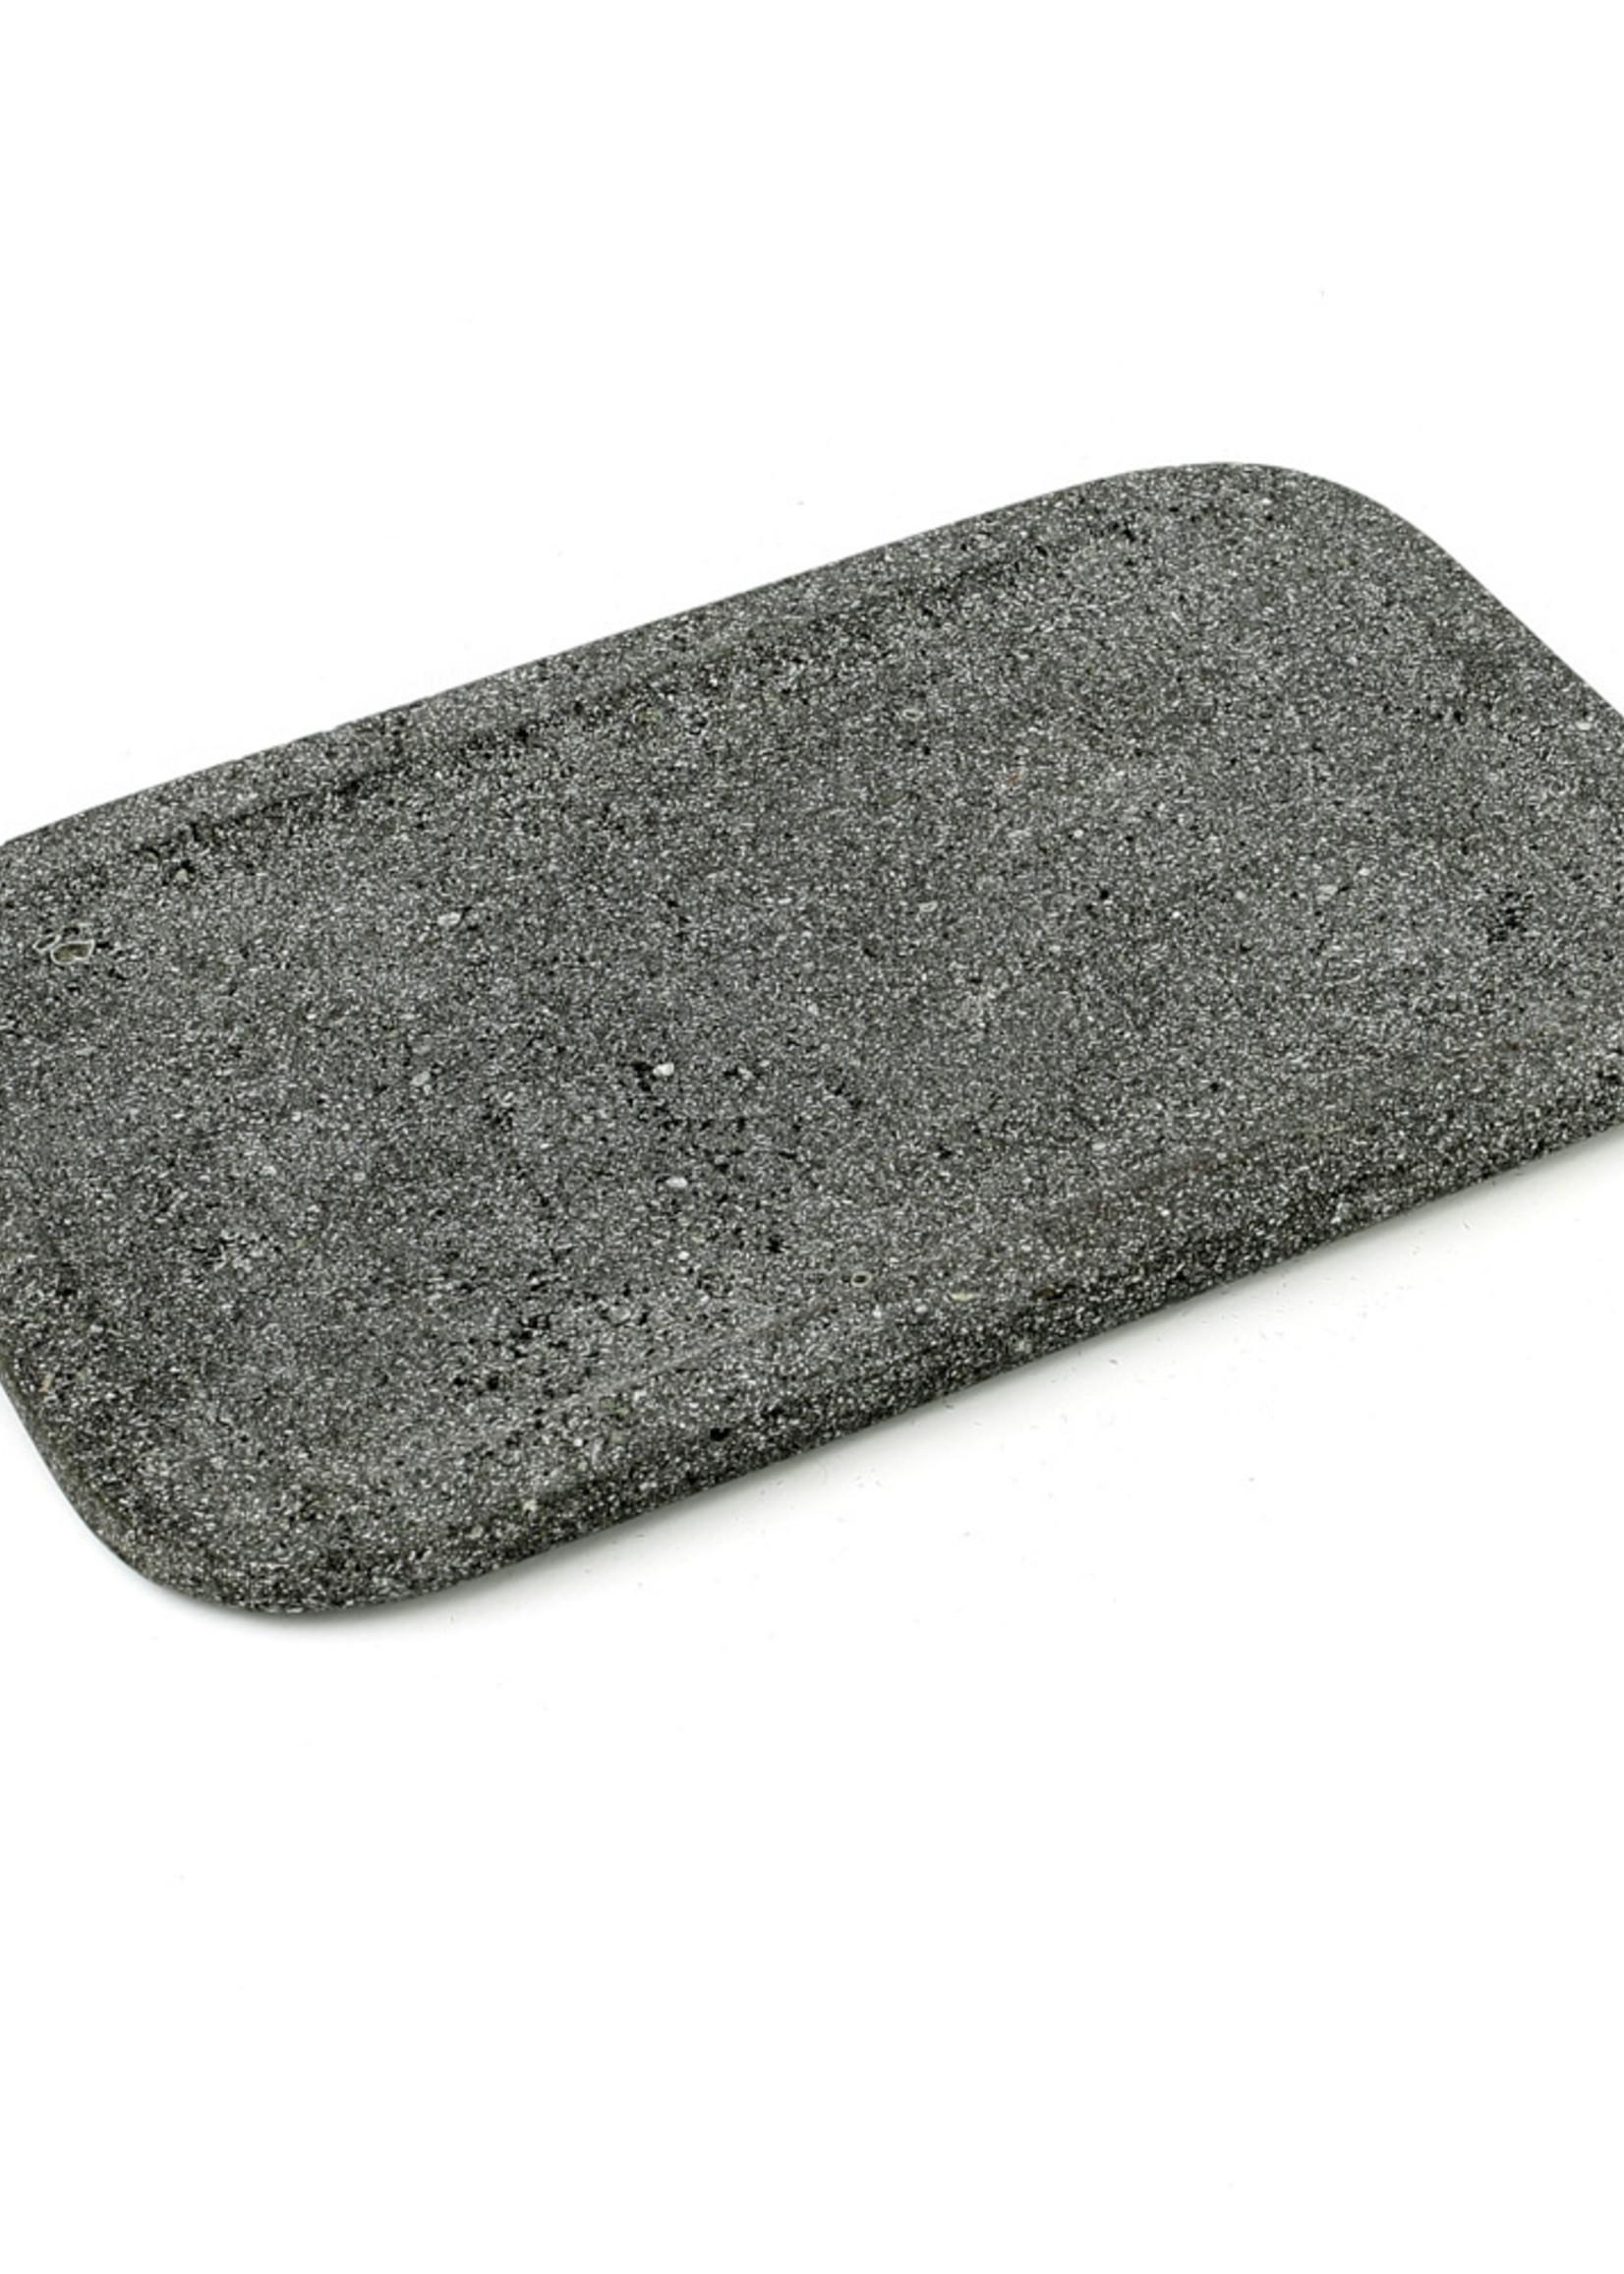 The Lava Stone Tray - Black - 32x20